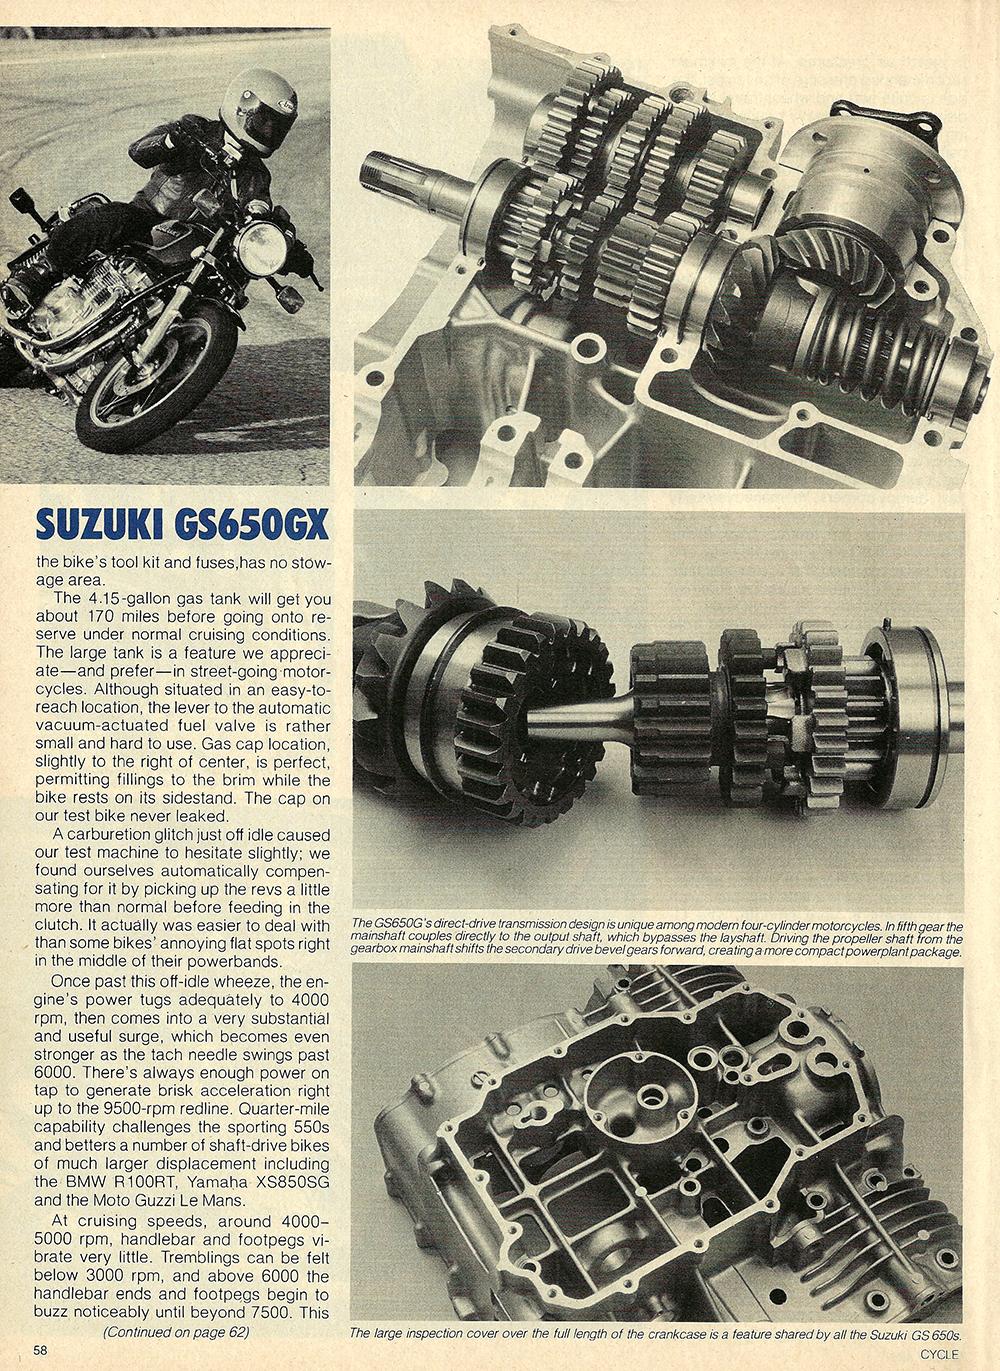 1981 Suzuki GS650 GX road test 05.jpg